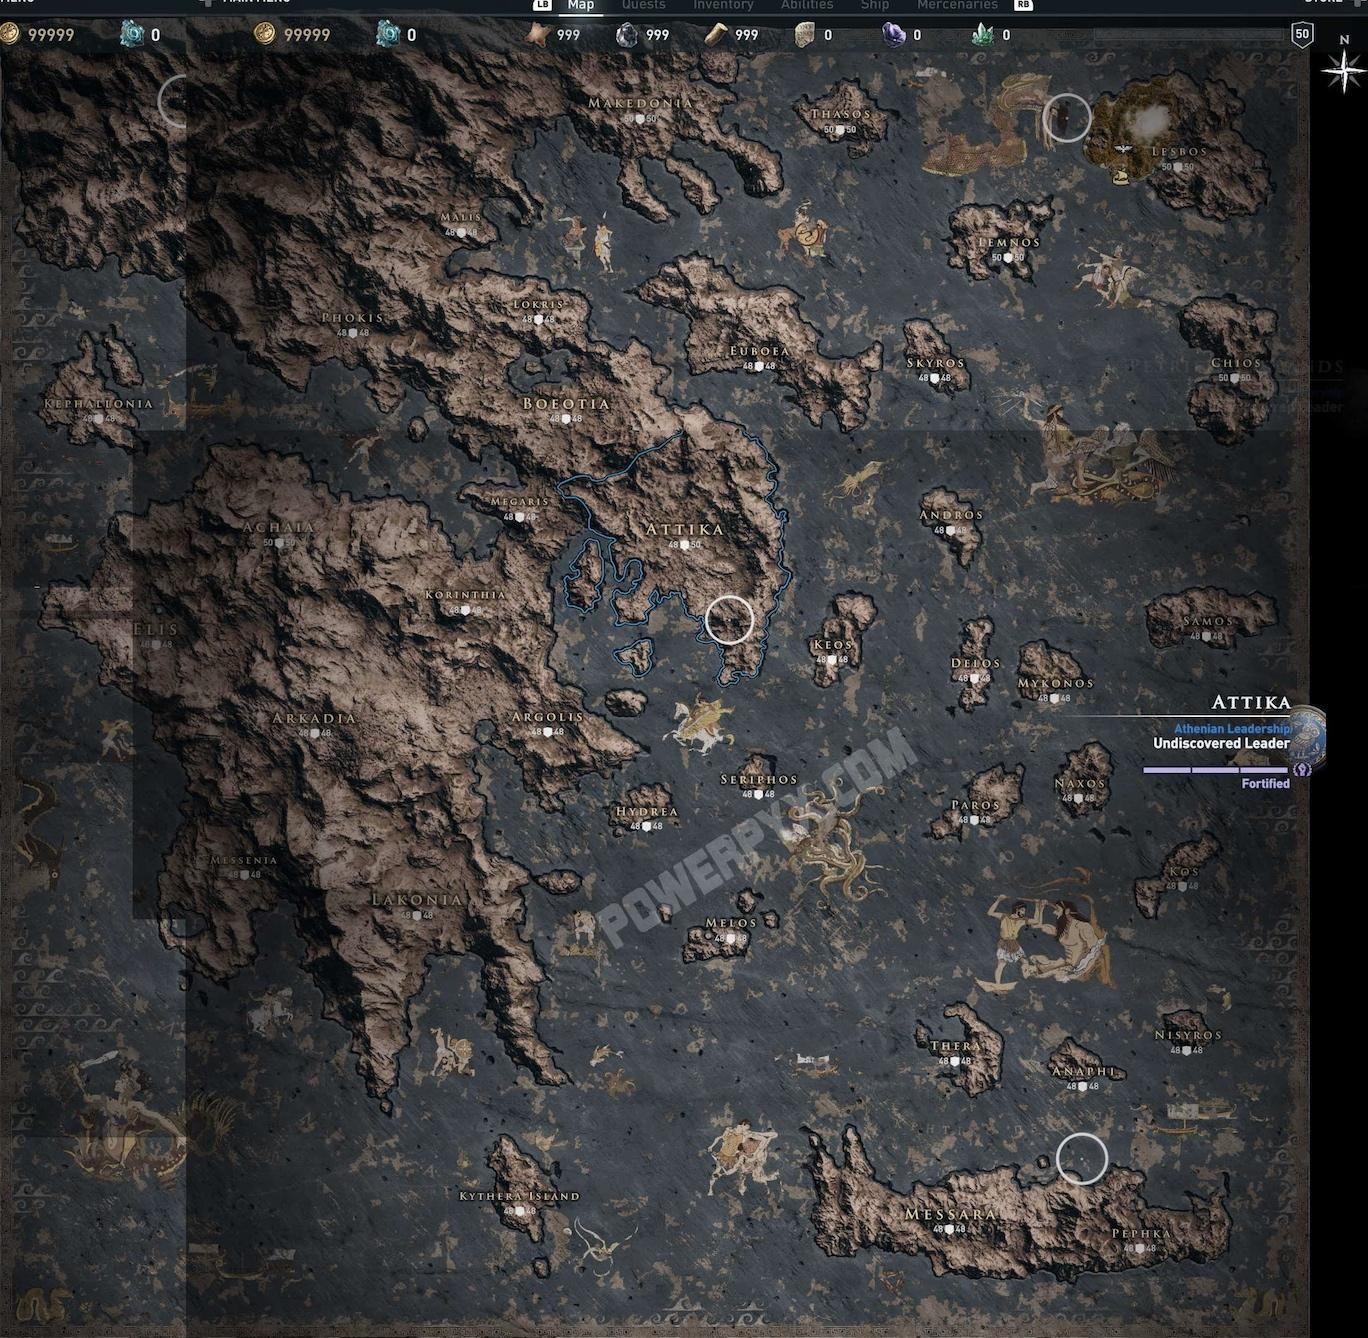 Assassins Creed Odyssey Map Assassins Creed Odyssey Assassins